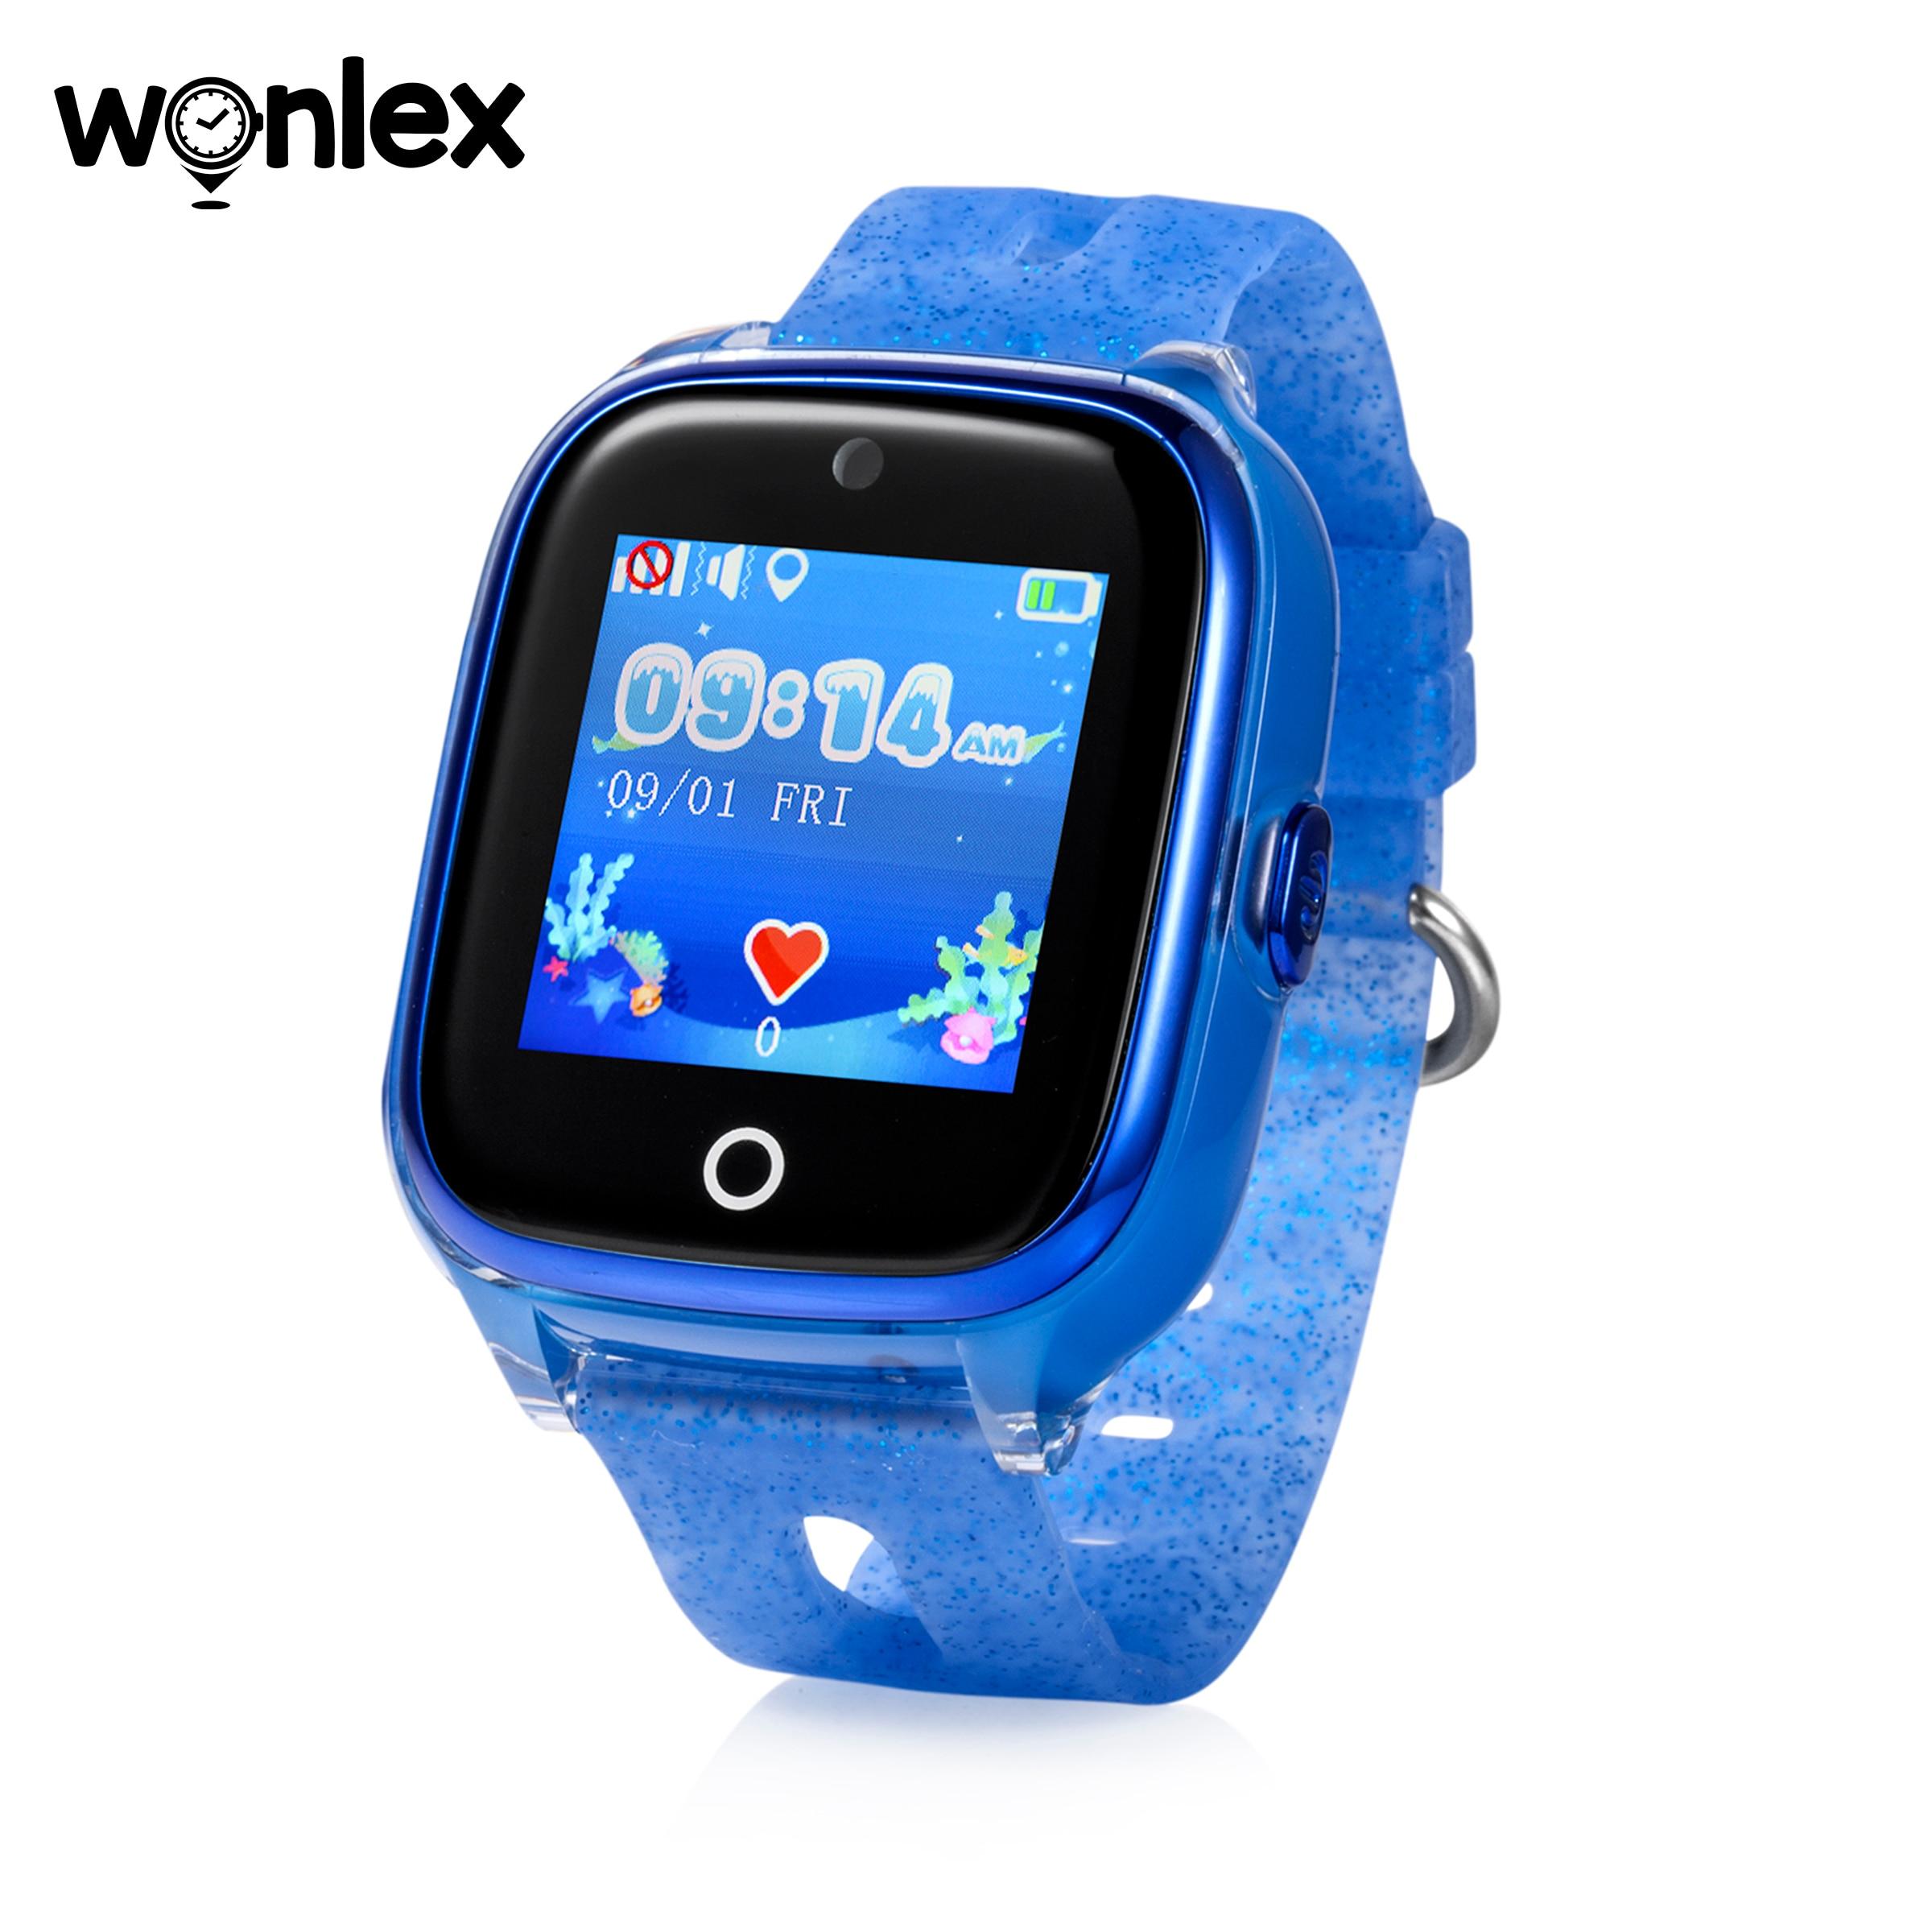 Wonlex 子供スマート無線 Lan 防水 IP67 水泳スポーツ腕時計 Sos のヘルプ Gps 測位ウェアラブル抗ロスト SeTracker KT01  グループ上の 家電製品 からの スマートウォッチ の中 2